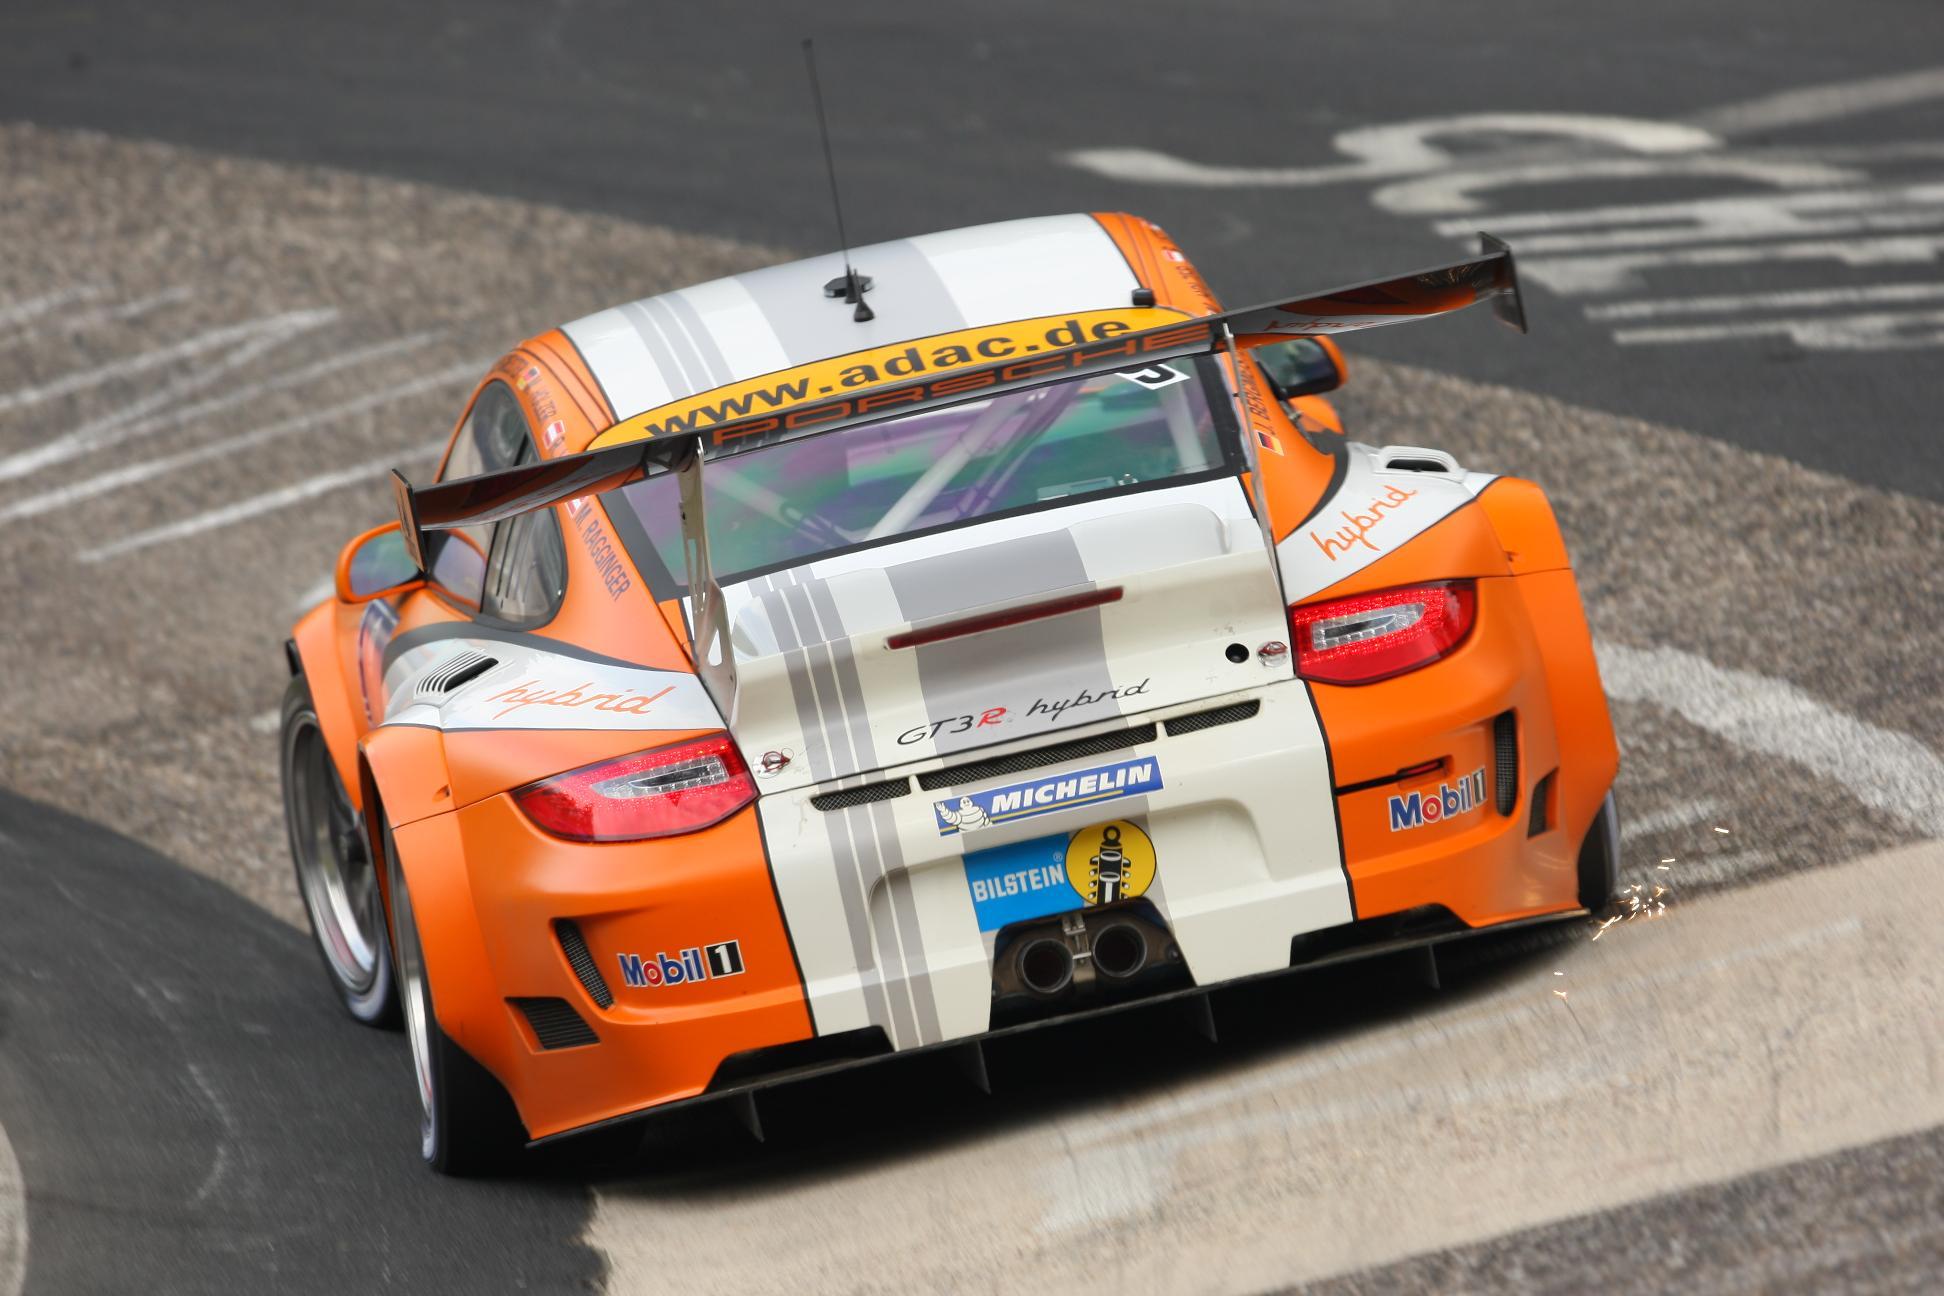 Porsche S Innovative 911 Gt3 R Hybrid Project